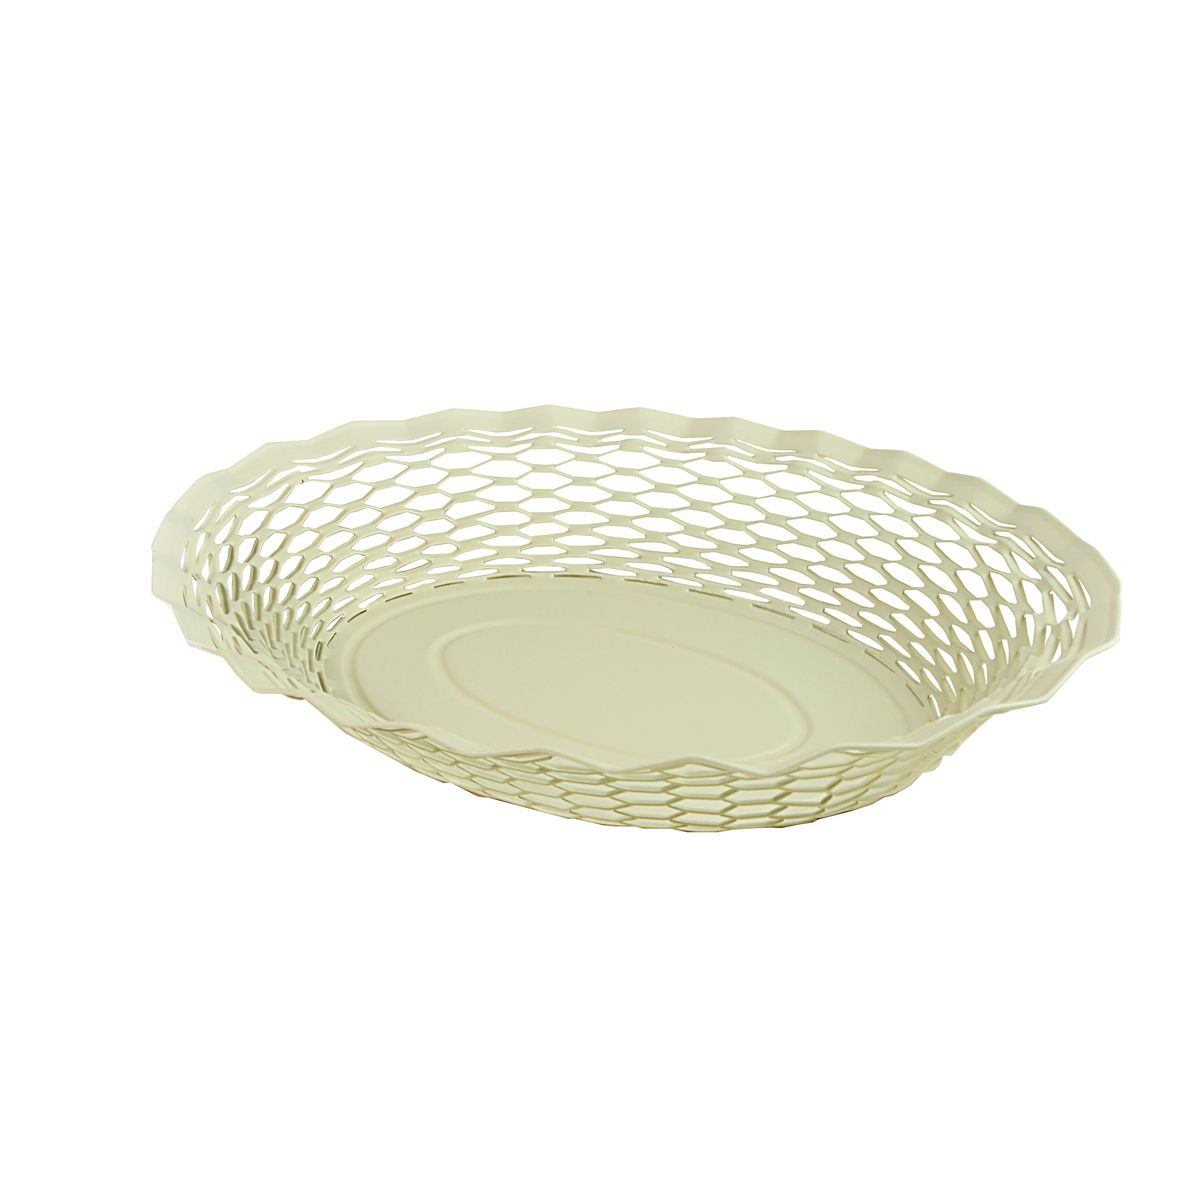 Corbeille à pain en inox blanc 24 x 18 cm - Roger Orfevre